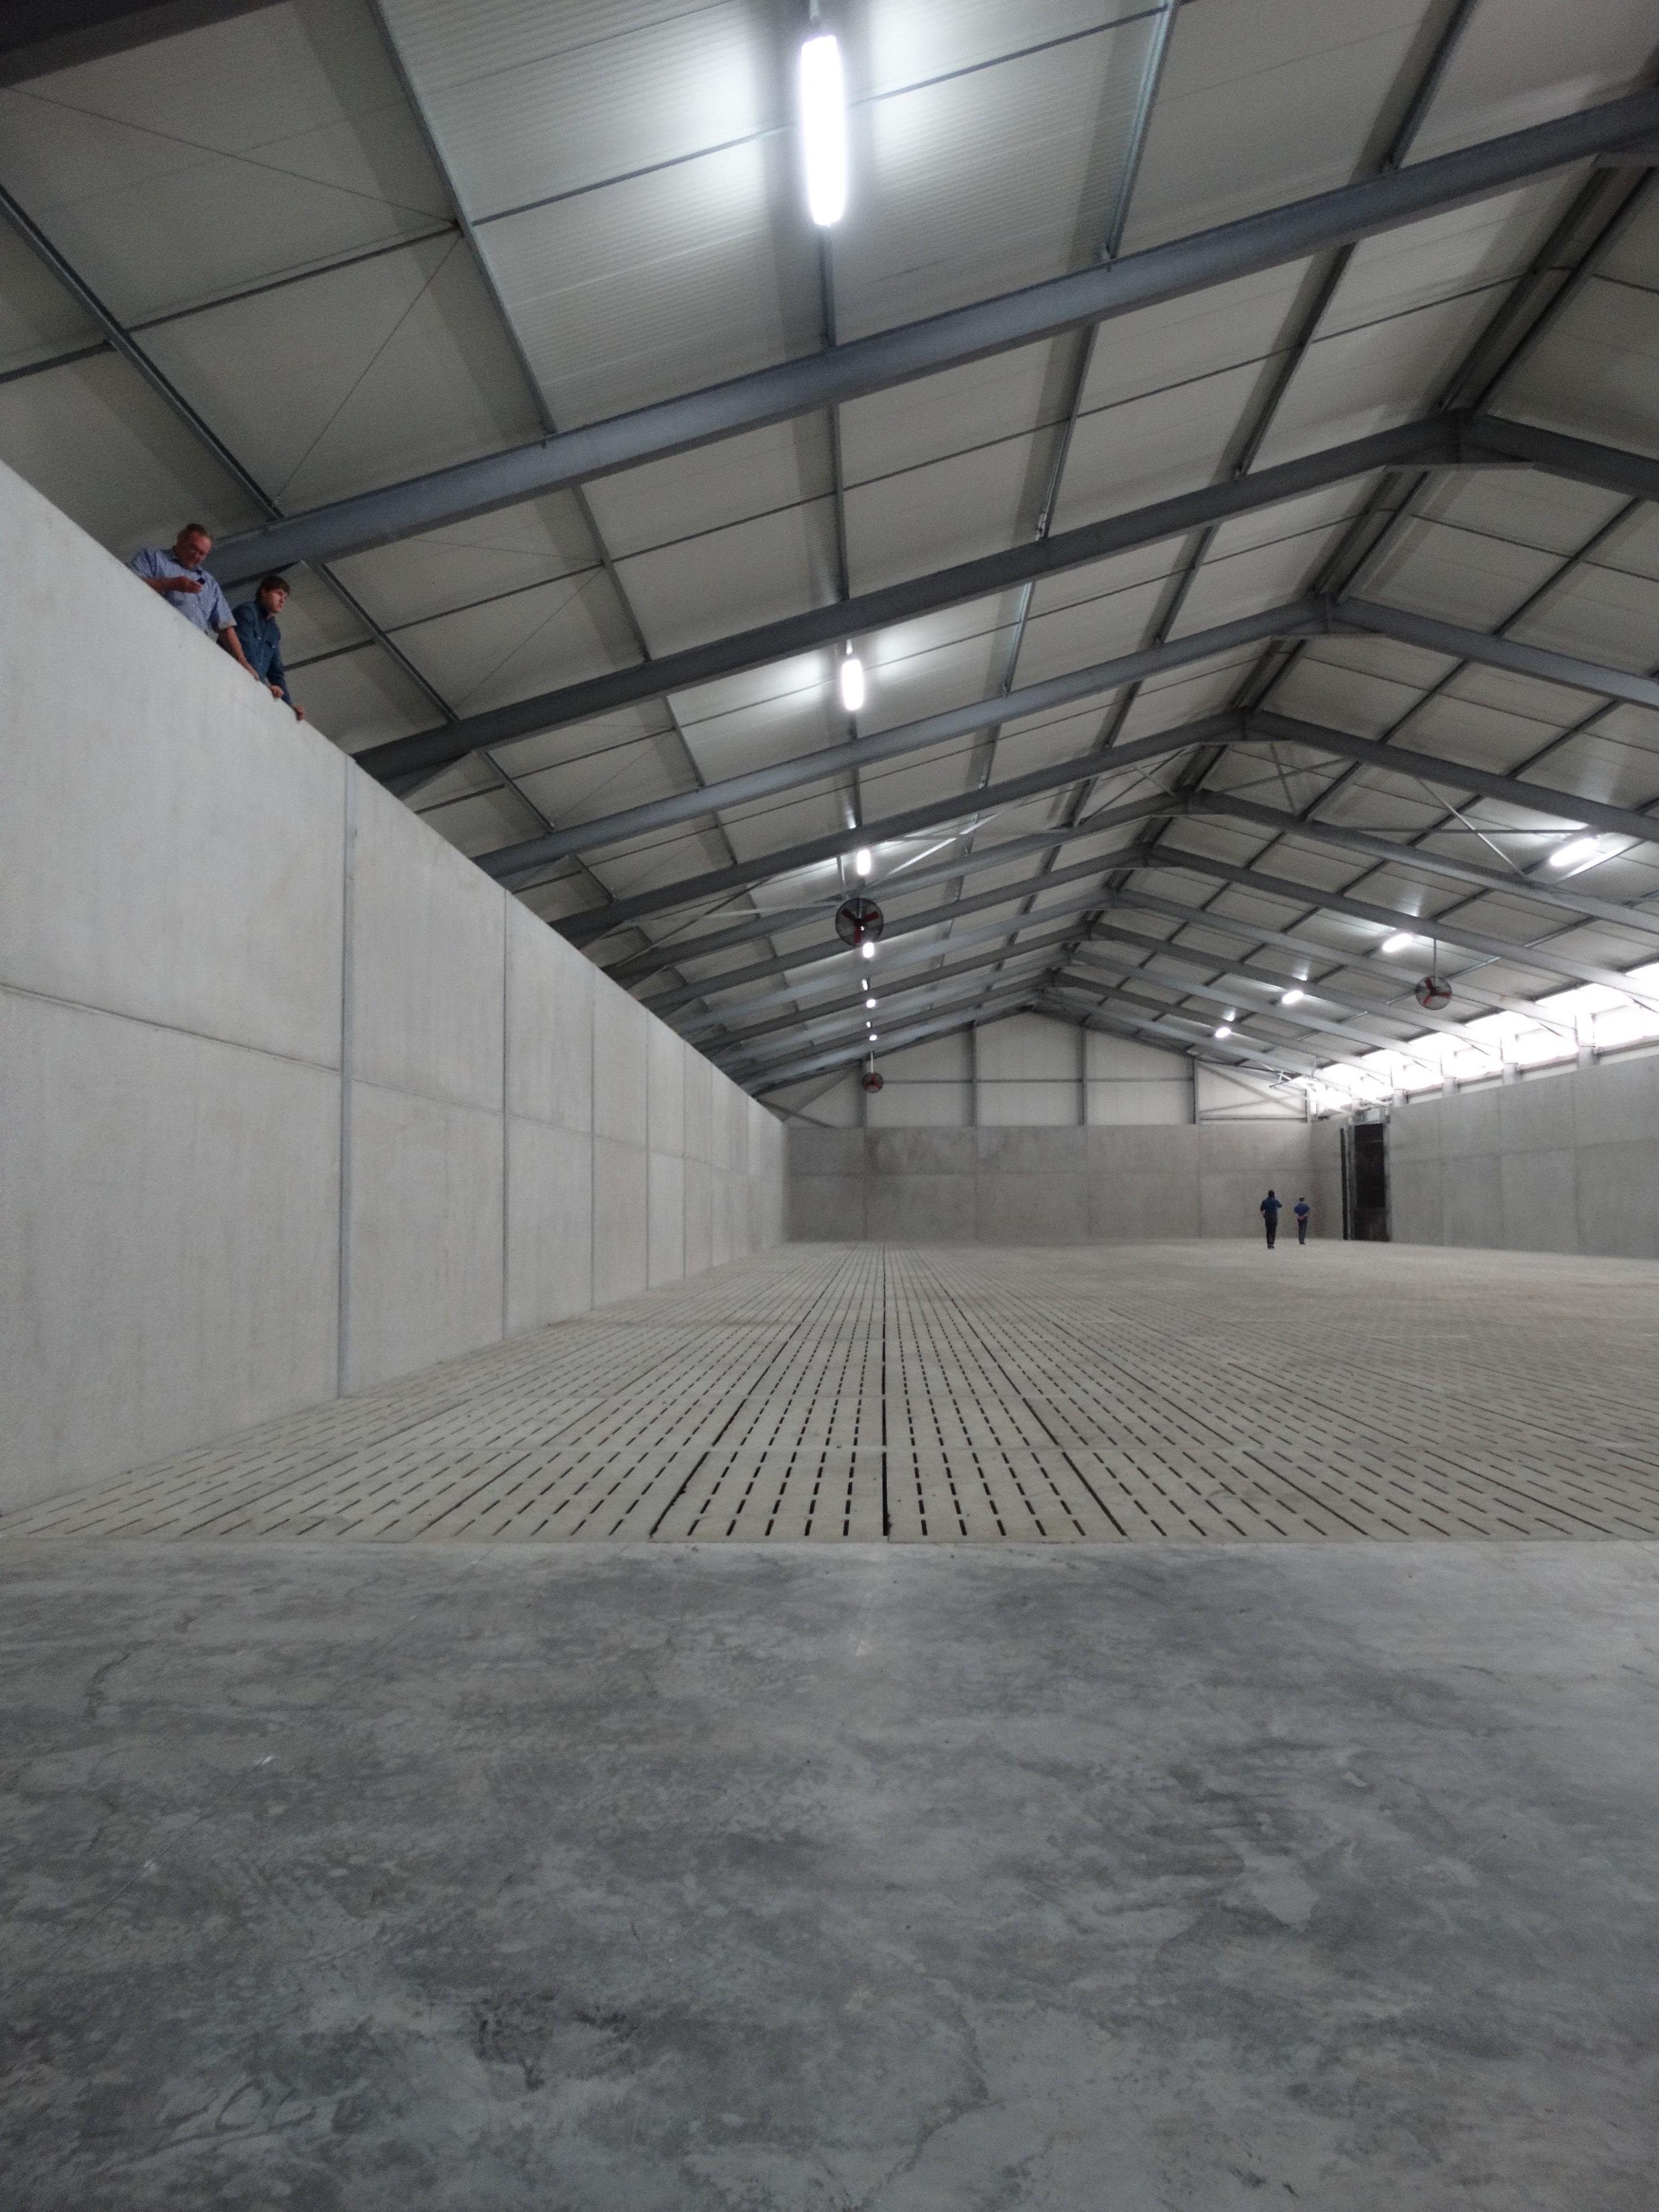 lefevre-Rosseignies-aardappelloods_hangar stockage pommes de terre (2).JPG